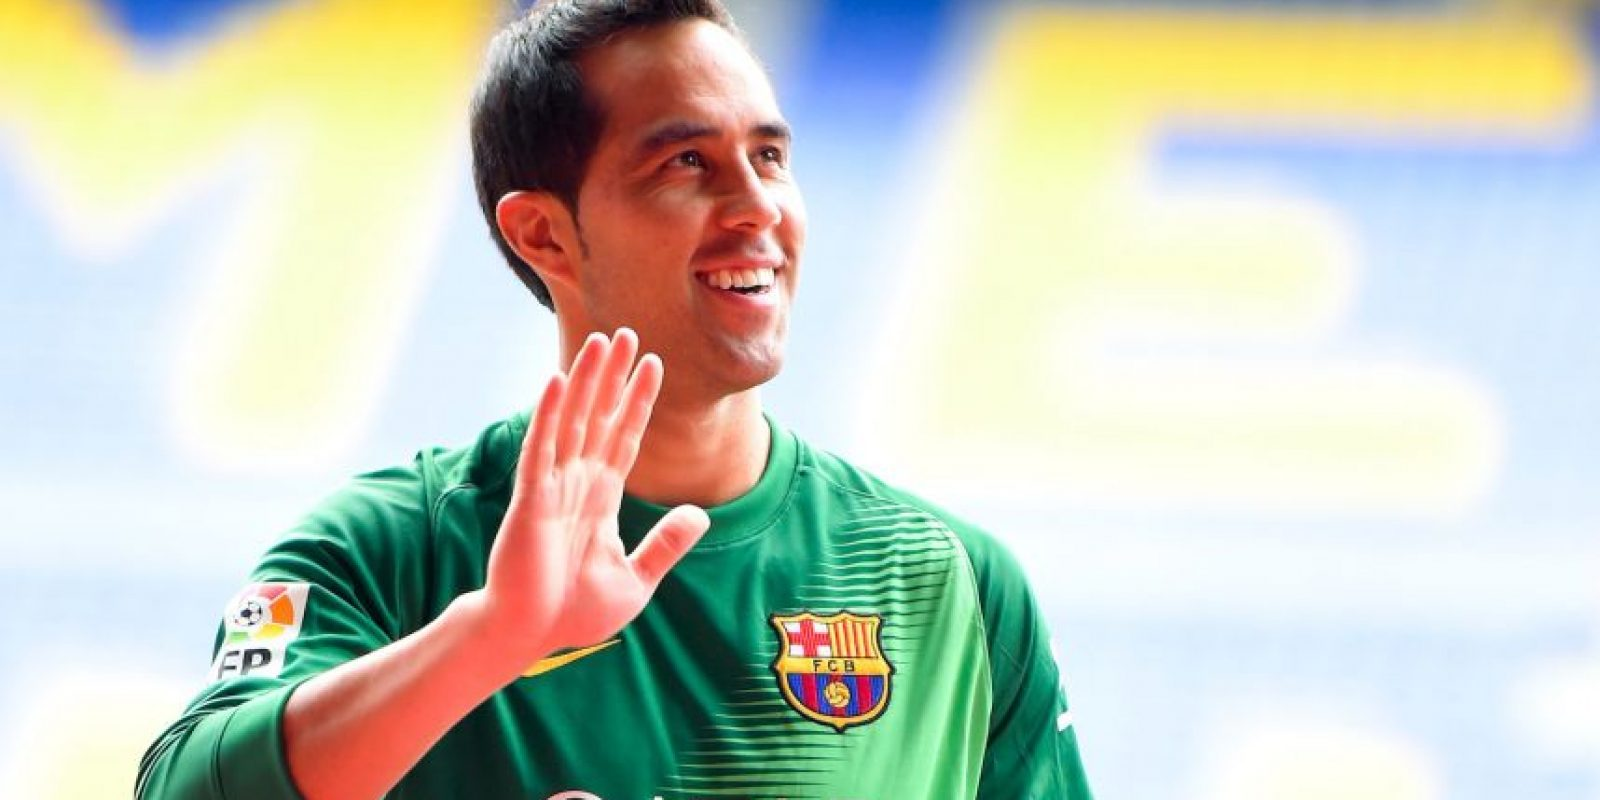 Bravo llegó a Barcelona hace un año y ganó el Trofeo Zamora por ser el portero menos goleado en la Liga 2014/2015. Foto:Getty Images